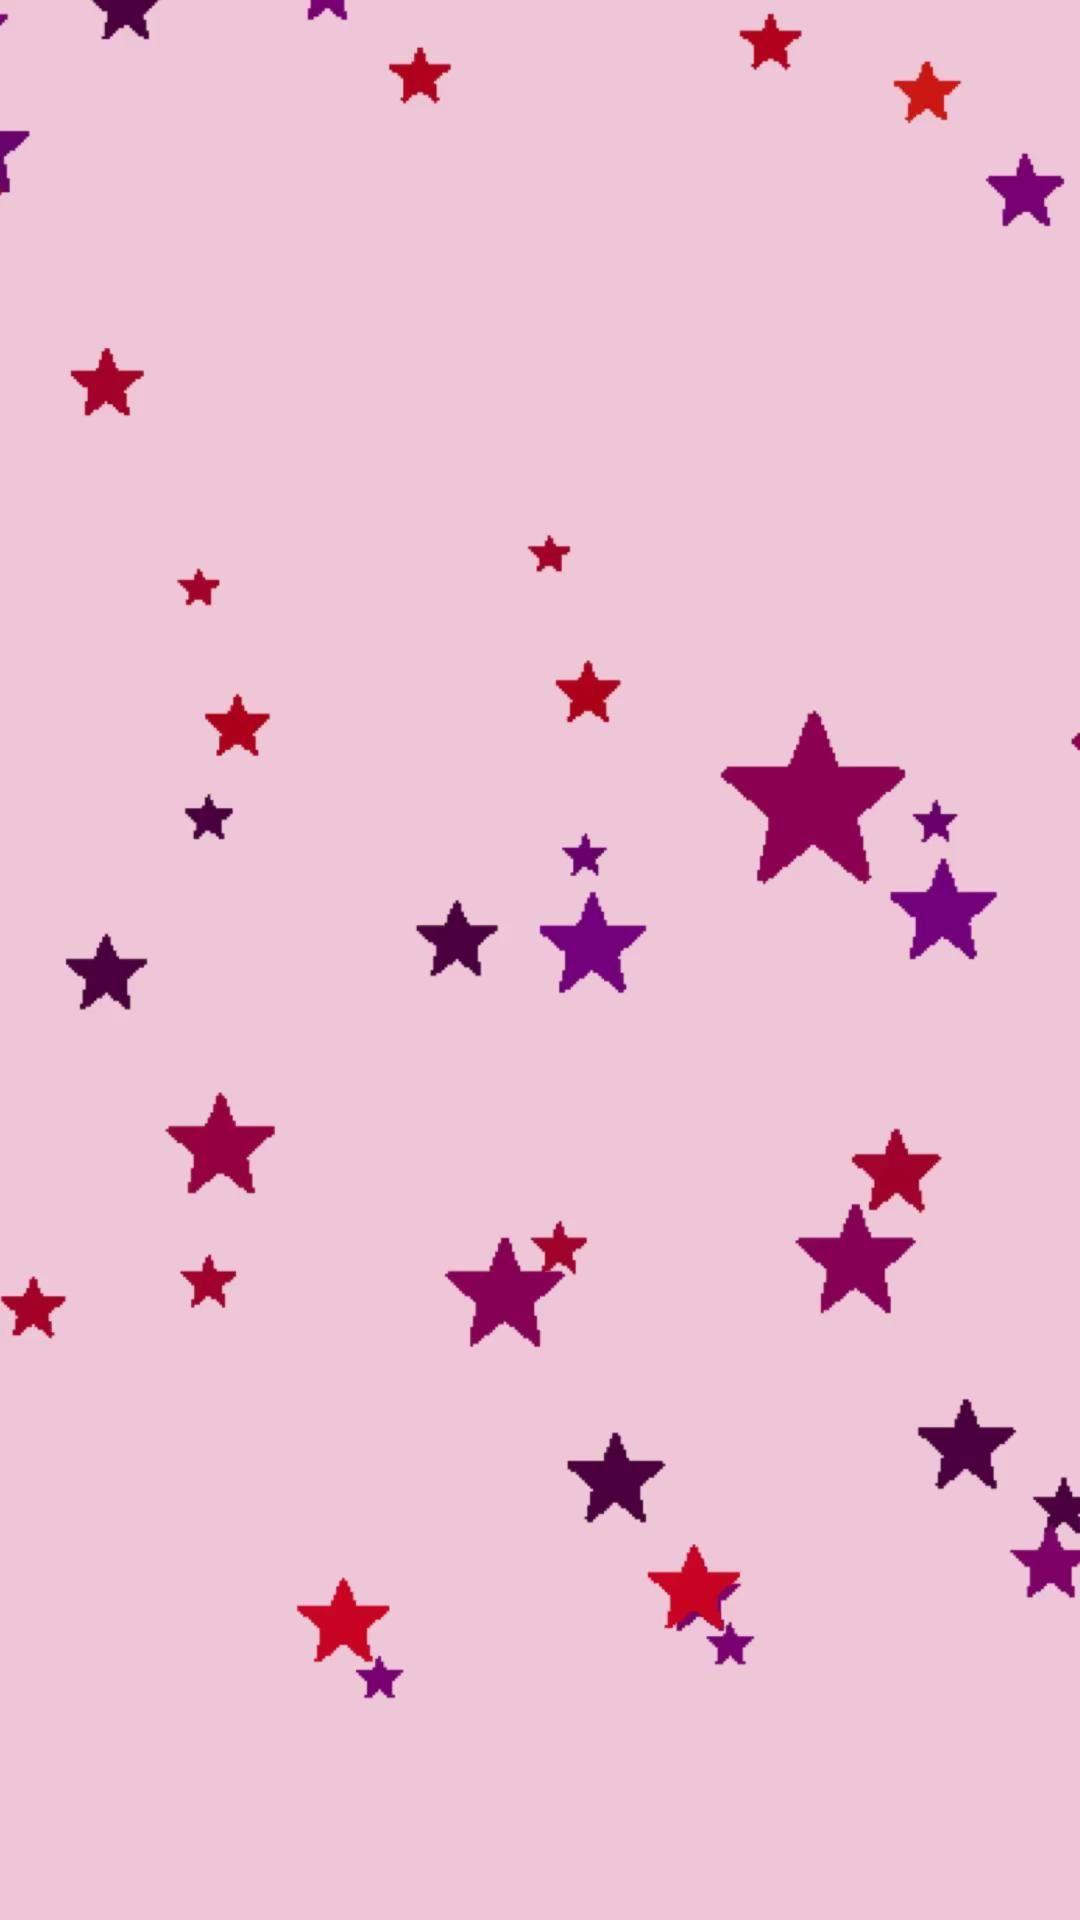 Fundo p/ story estrela ✨